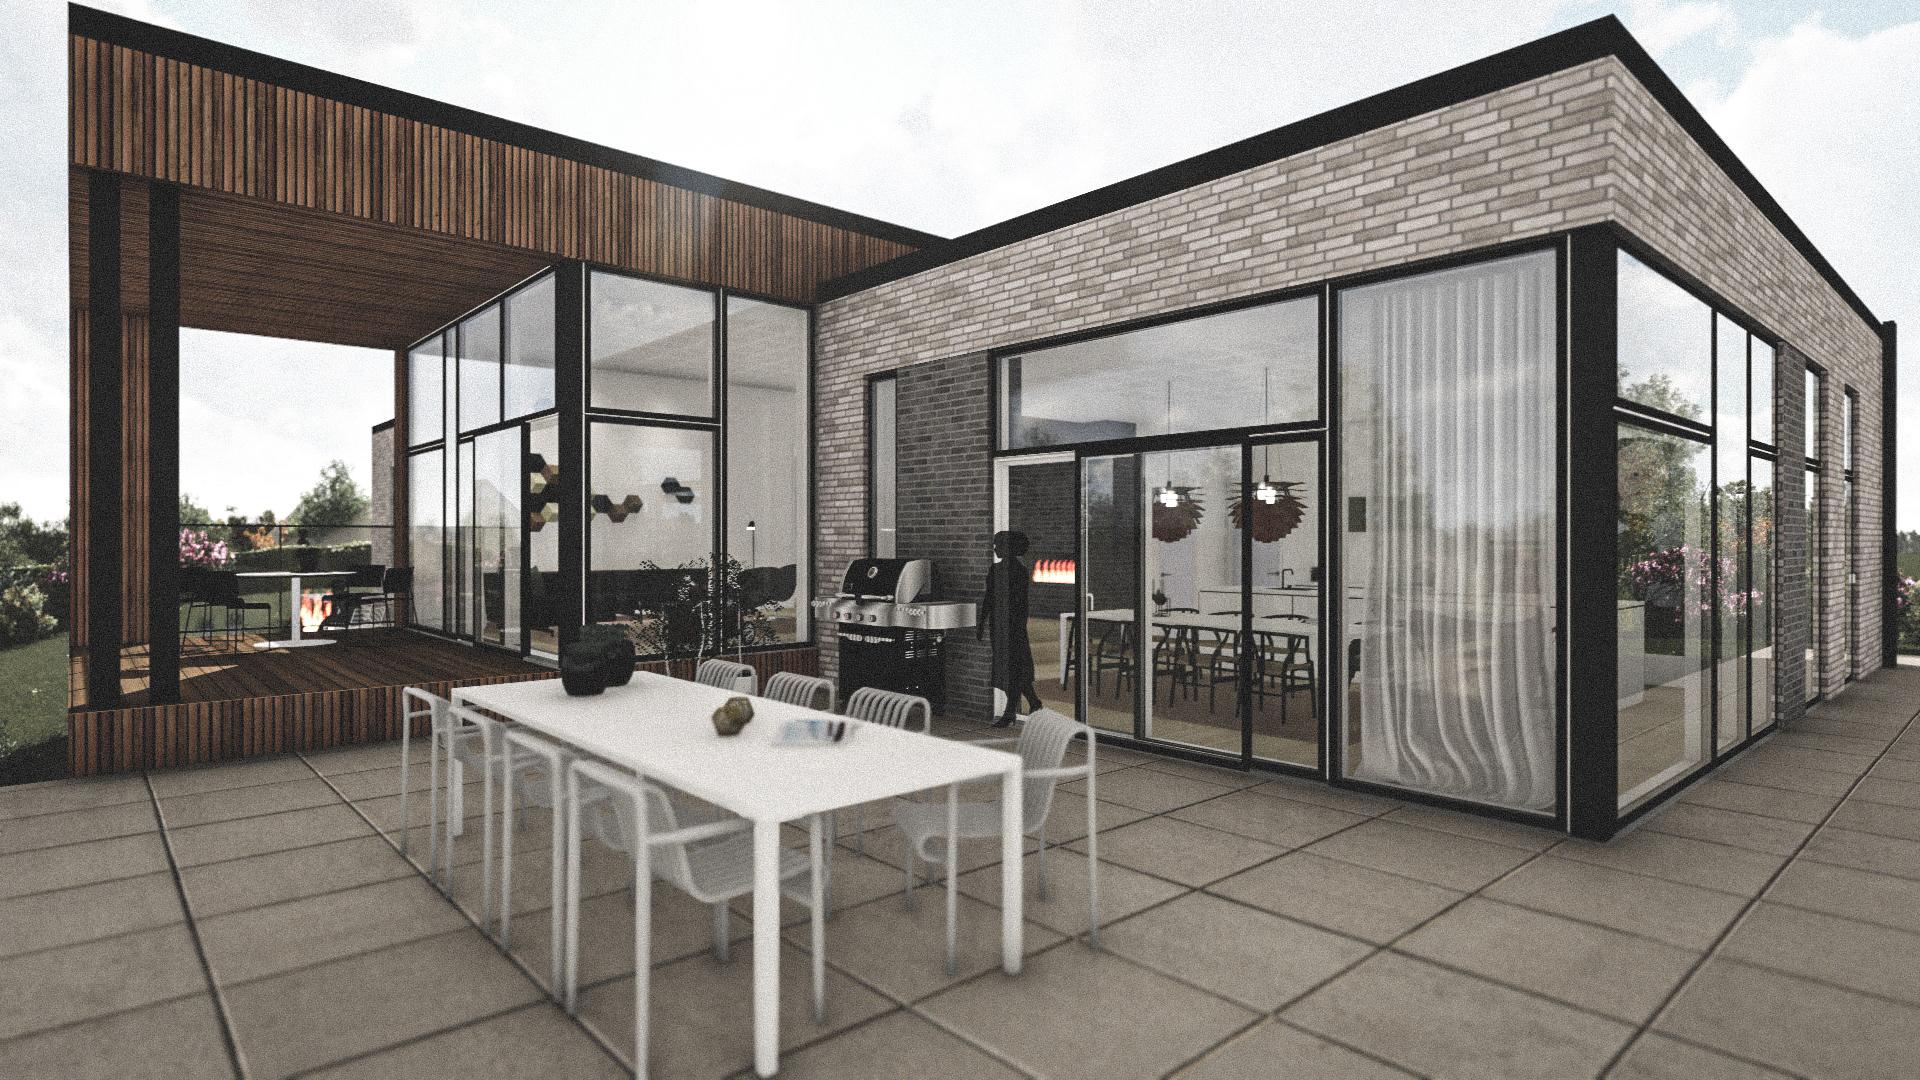 Billede af Dansk arkitekttegnet 1 plan villa af arkitektfirmaet m2plus, i Hvalsø på 230 kvartratmeter.